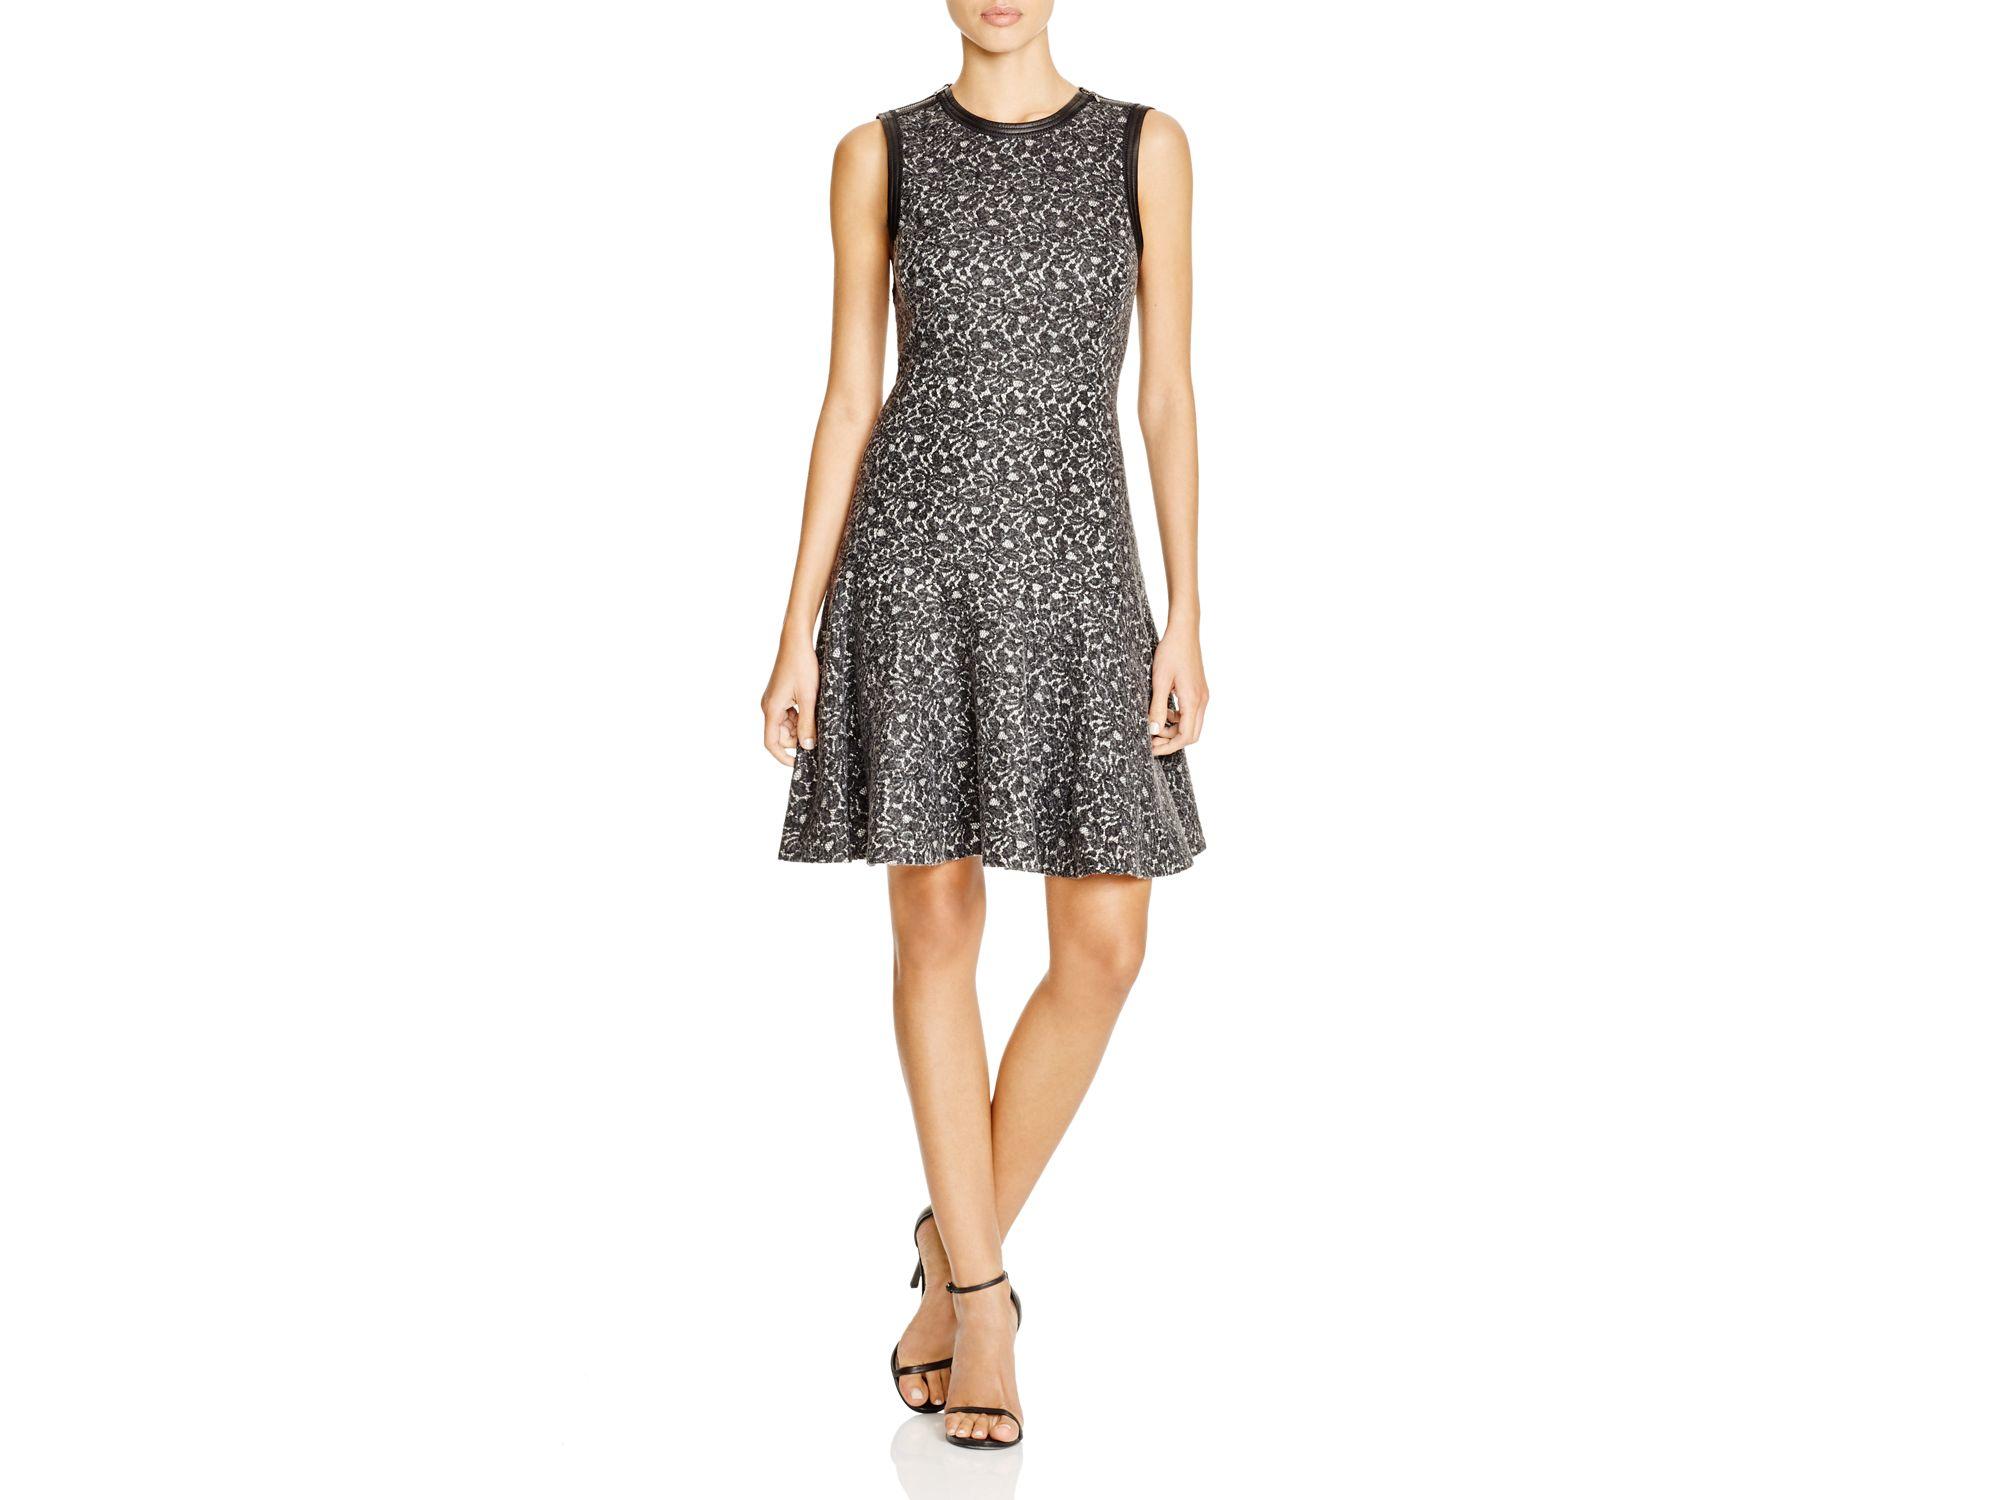 Rebecca taylor lace sheath dress